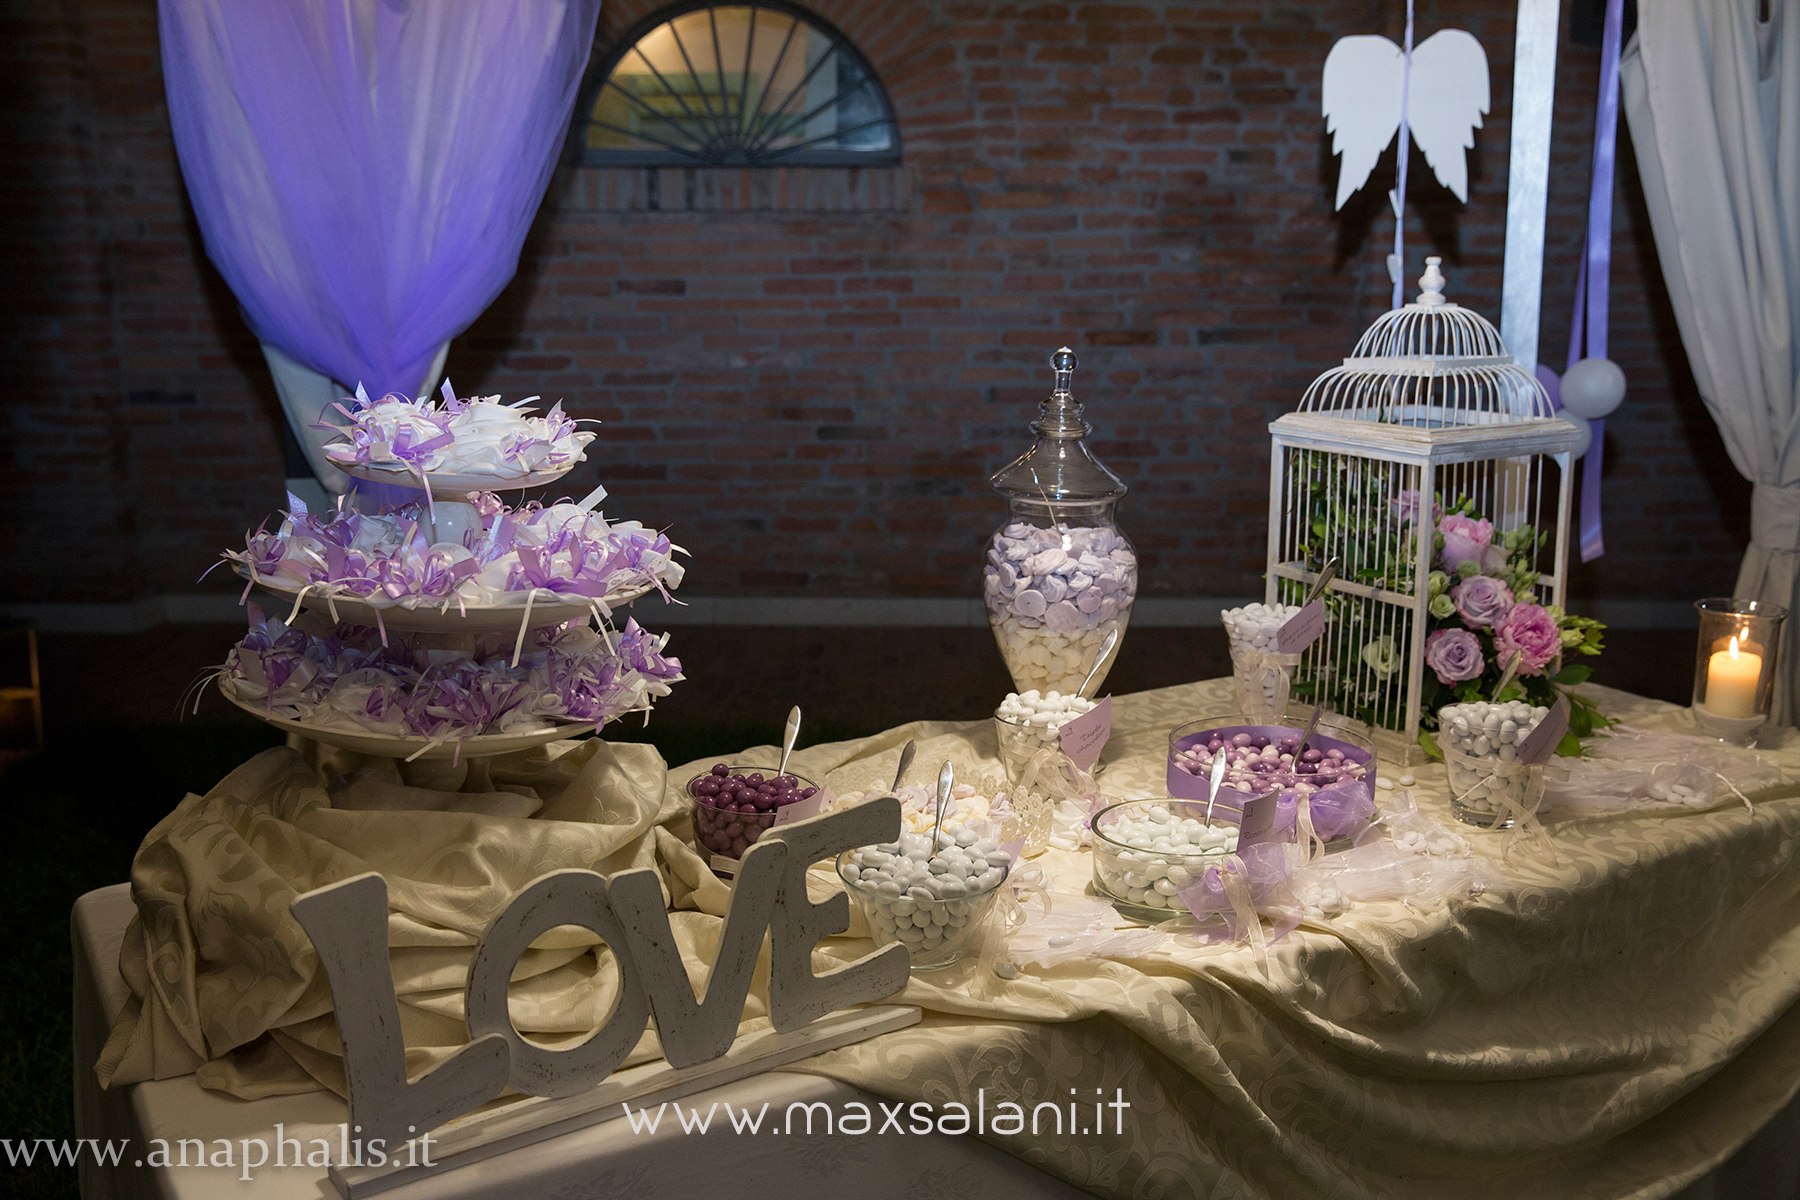 Matrimonio In Lilla : Matrimonio in lilla con tema angeli fioreria anaphalis cento